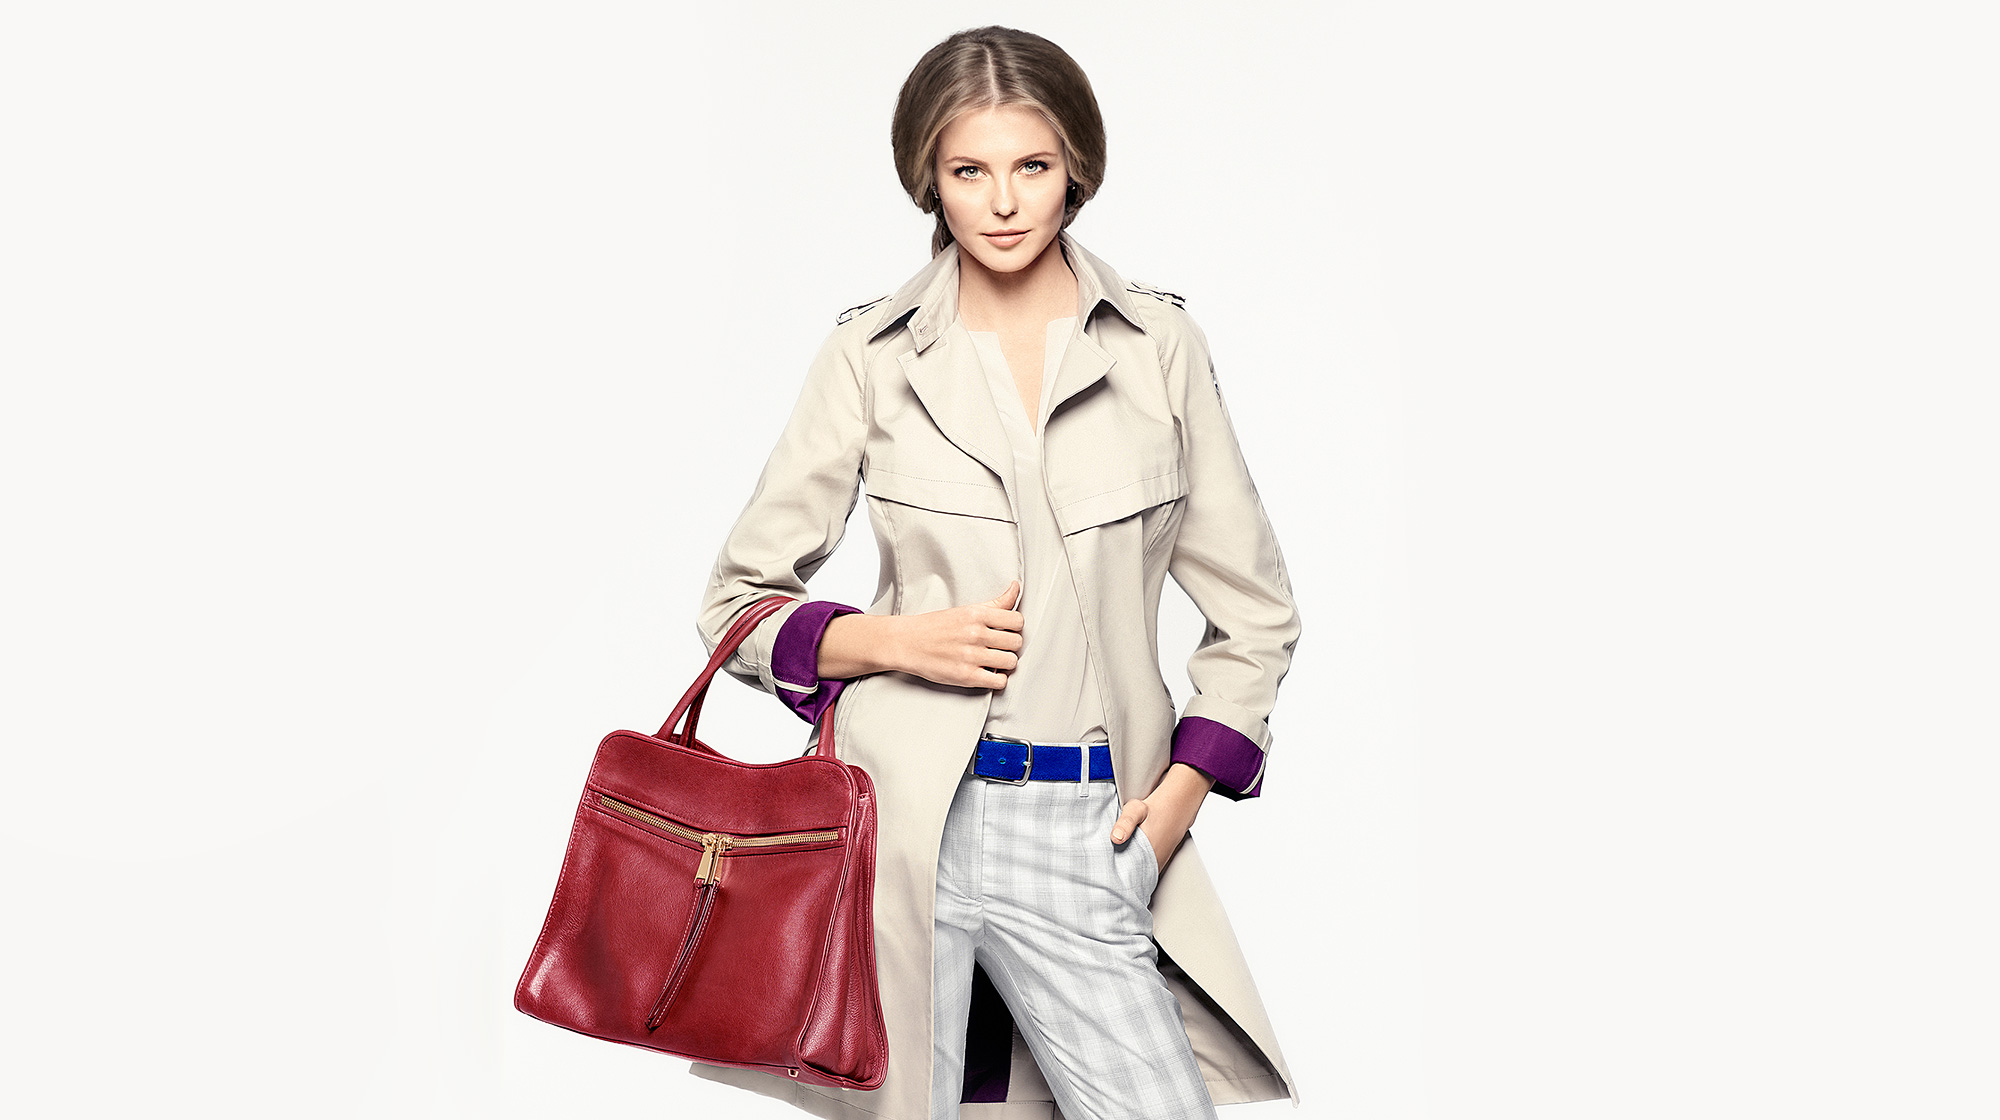 Рекламная и каталожная съемка одежды, фотосъемка для интернет-магазинов